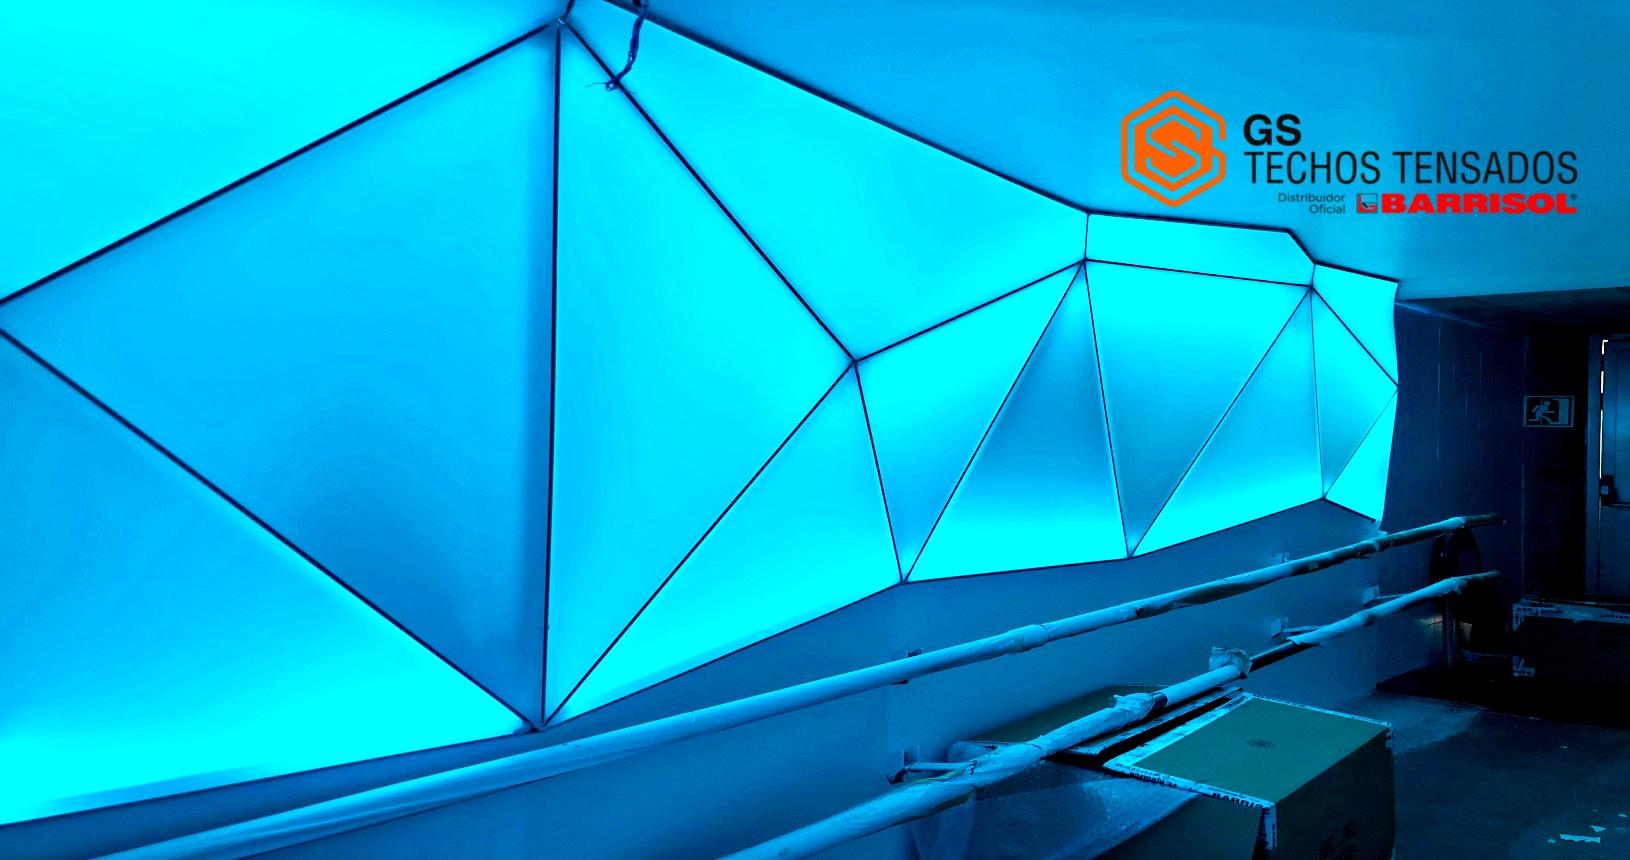 Punta de diamante: poliedros creados con Tela tensada Barrisol